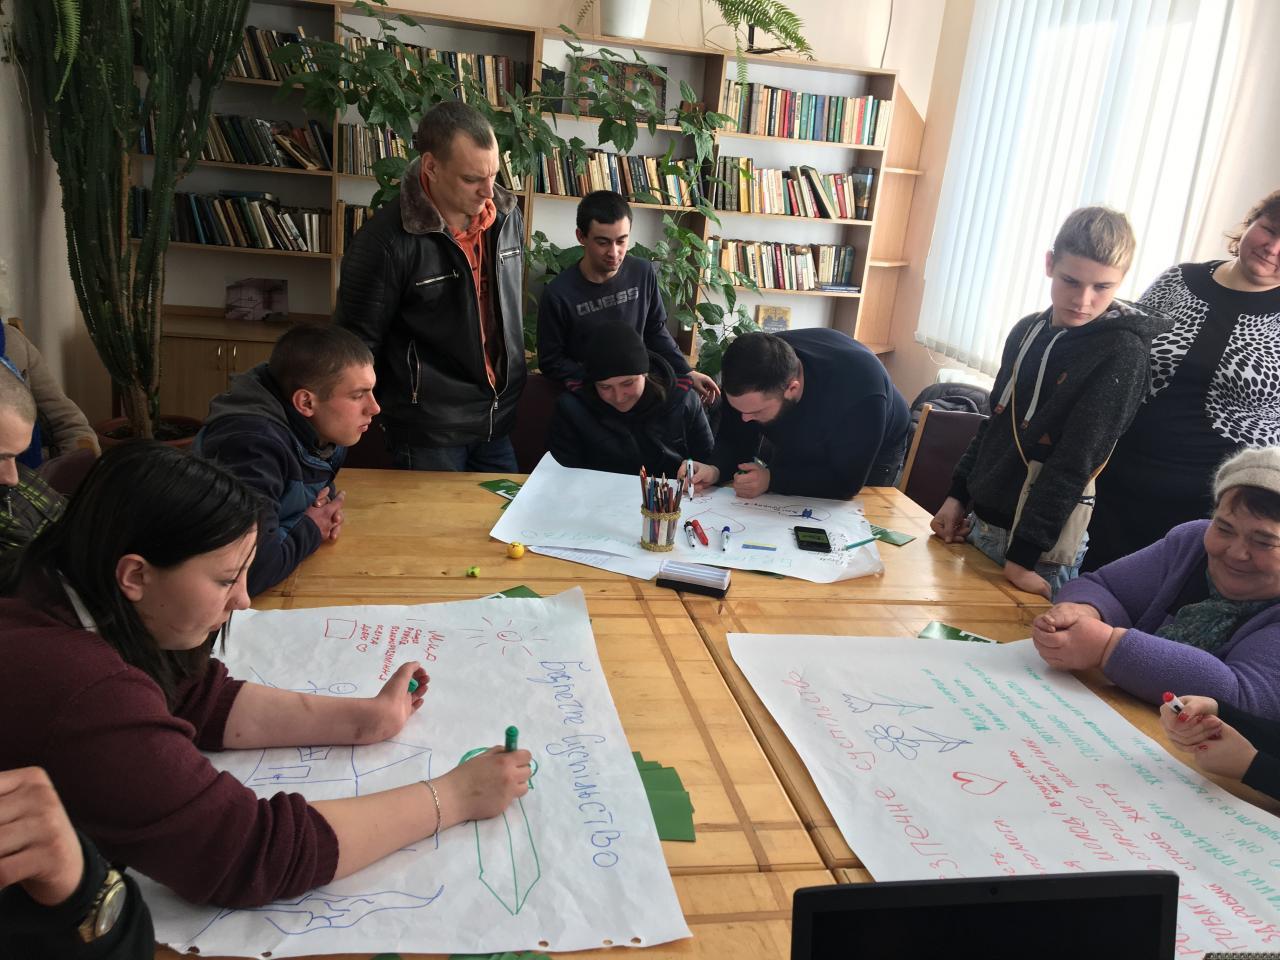 http://dunrada.gov.ua/uploadfile/archive_news/2020/02/14/2020-02-14_6948/images/images-56779.jpg